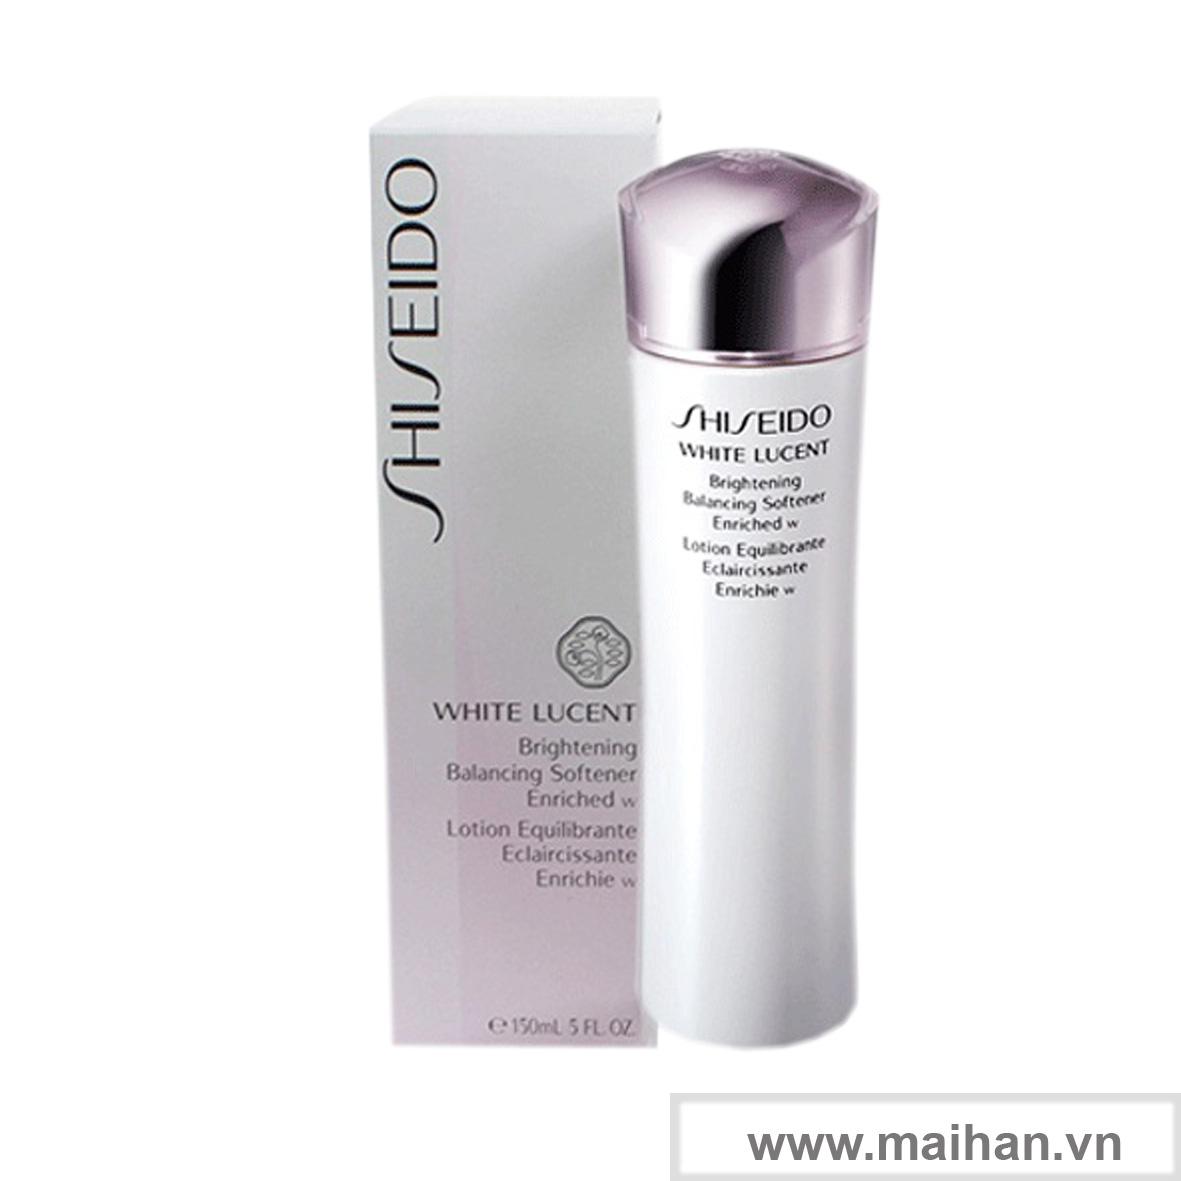 Sữa làm sáng mềm cho da thường đến da khô Shiseido